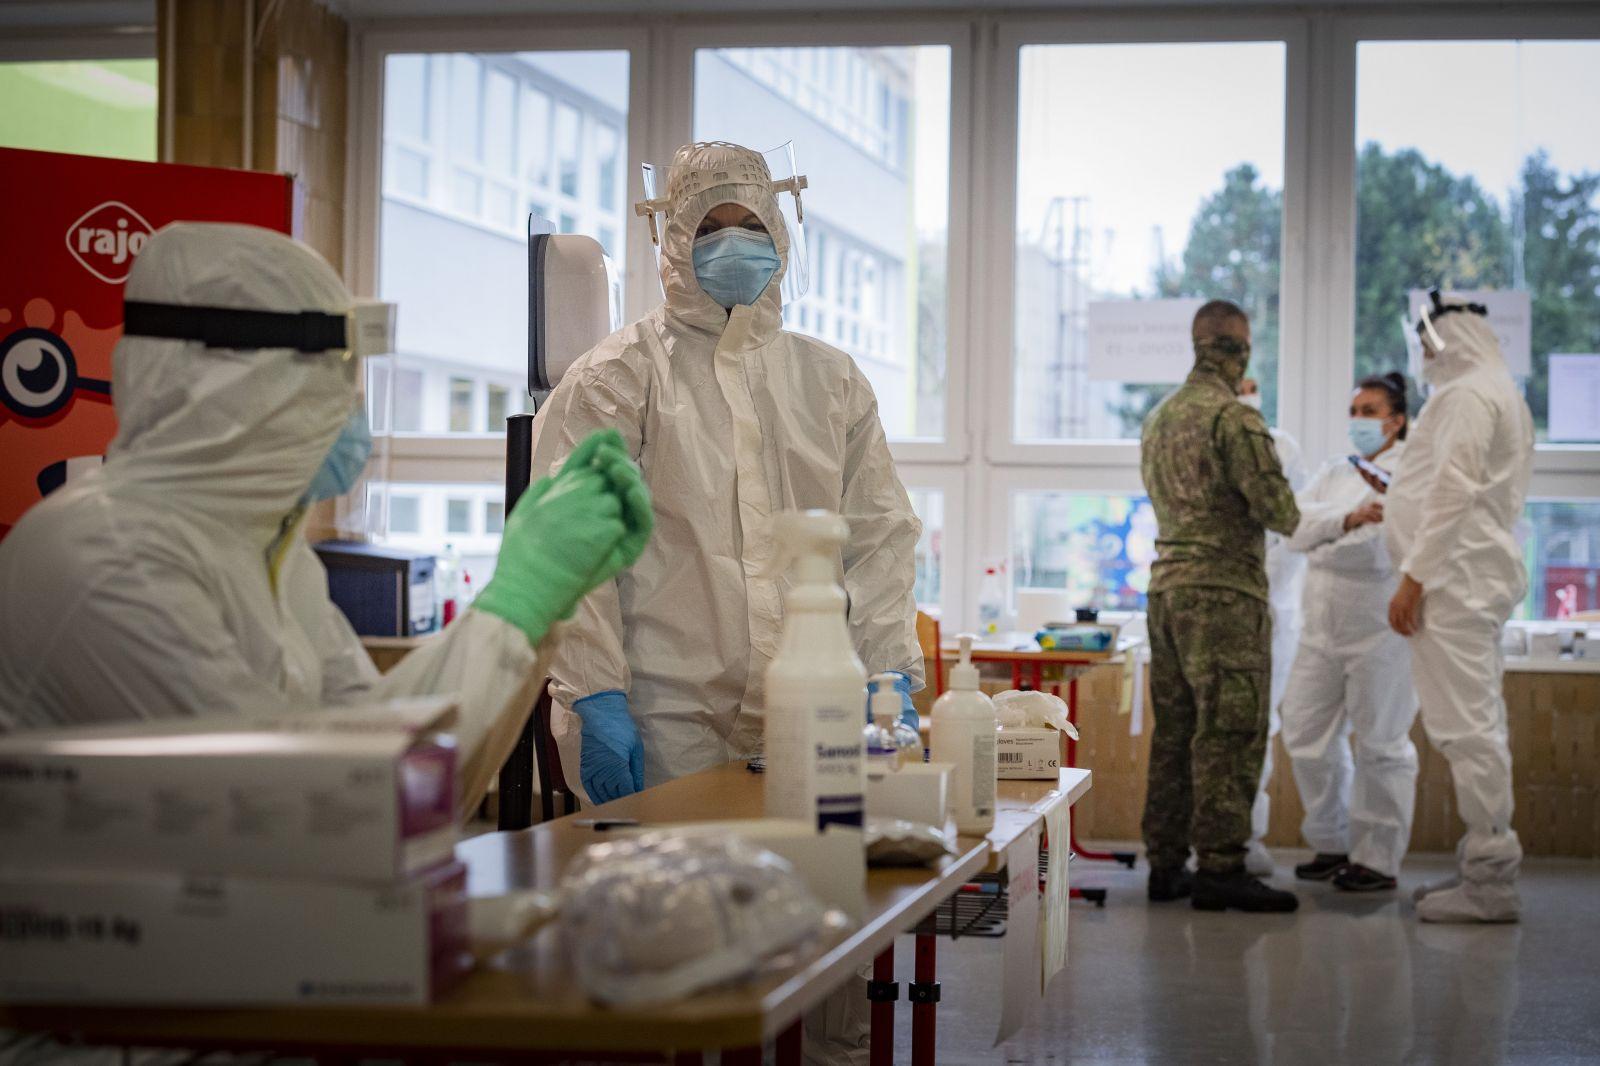 Okolo 800 eur zarobí zdravotník na Slovensku za víkend plošného testovania. Čo všetko si za túto odmenu môže dopriať?